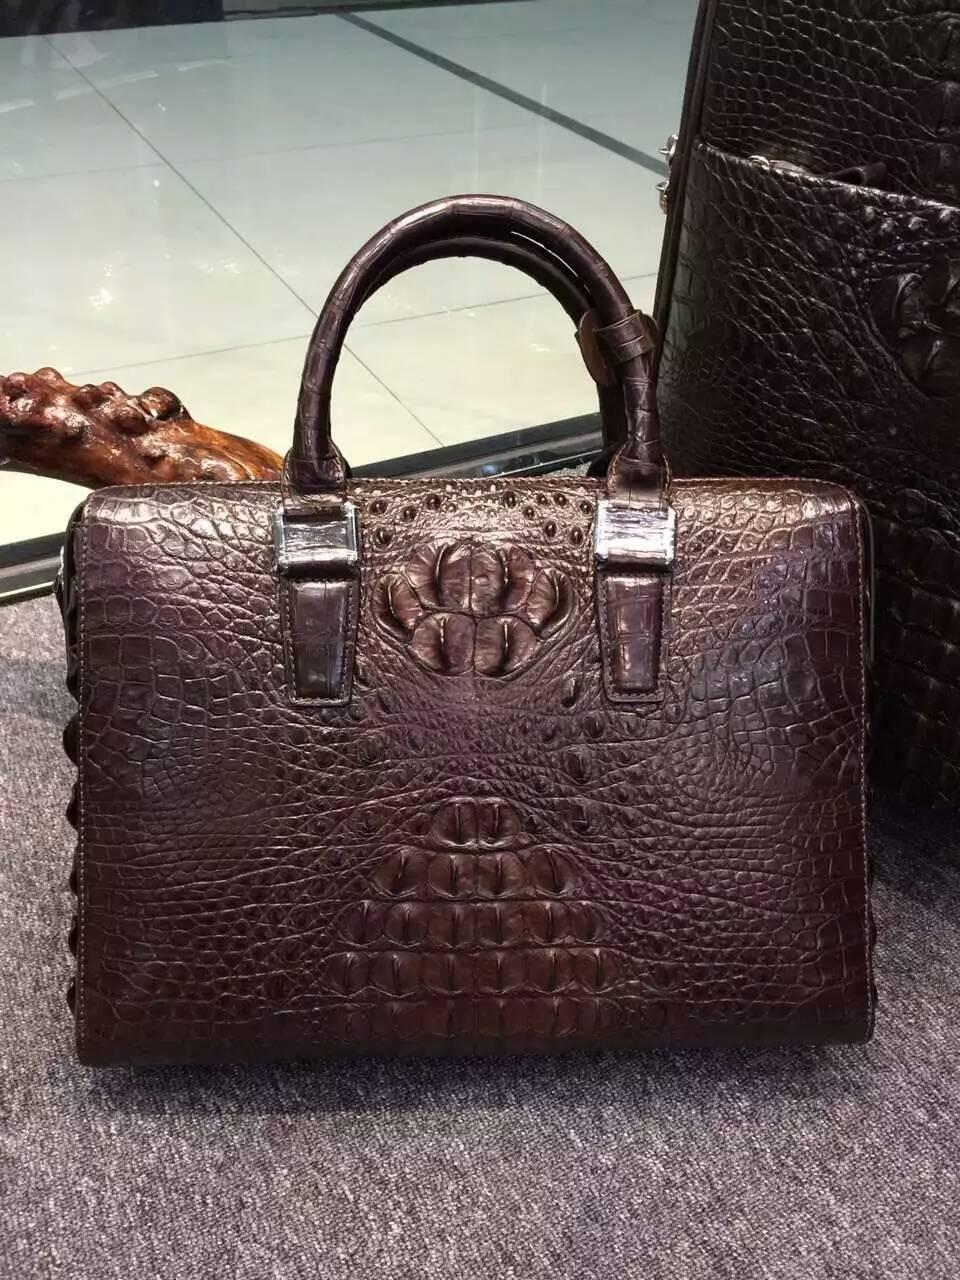 100% Echtem Leder Haut Aktentasche Männer Laptop-tasche Luxus Aligator Leder Haut Männer Business-tasche Black Coffee Brown Auf Der Ganzen Welt Verteilt Werden